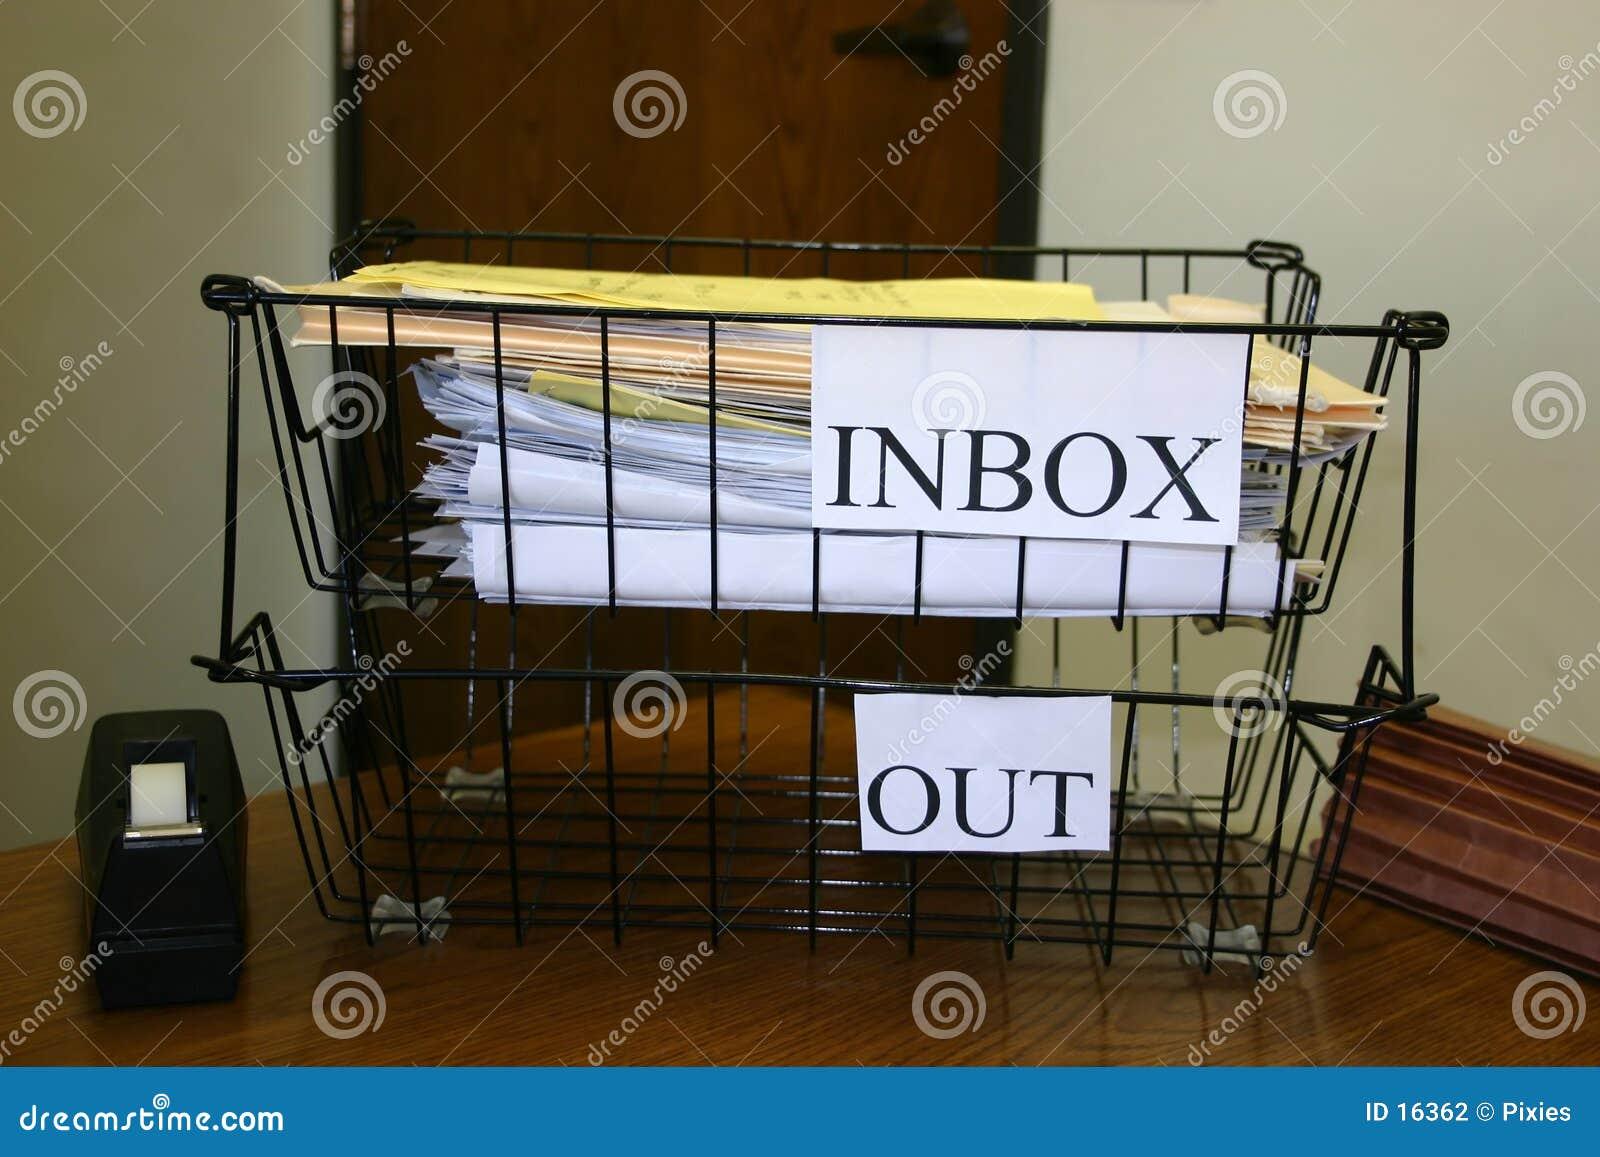 我的inbox